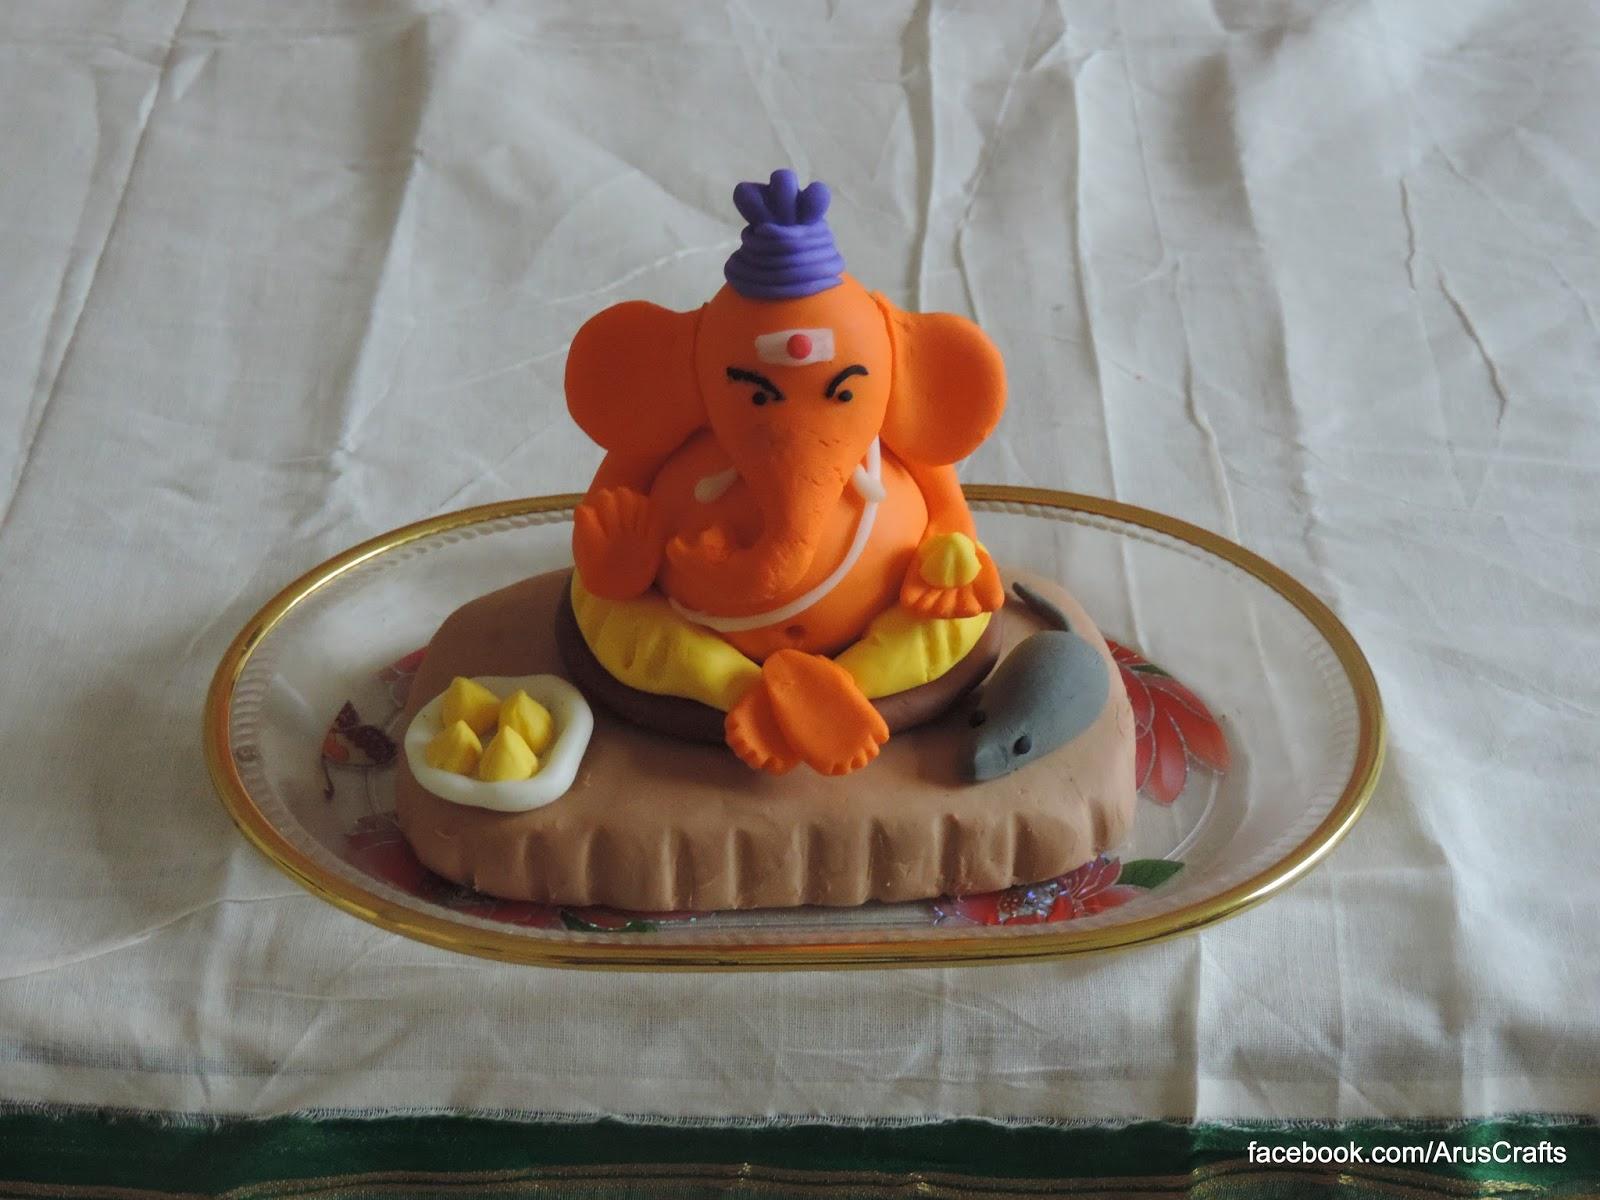 aru's crafts: clay ganesha